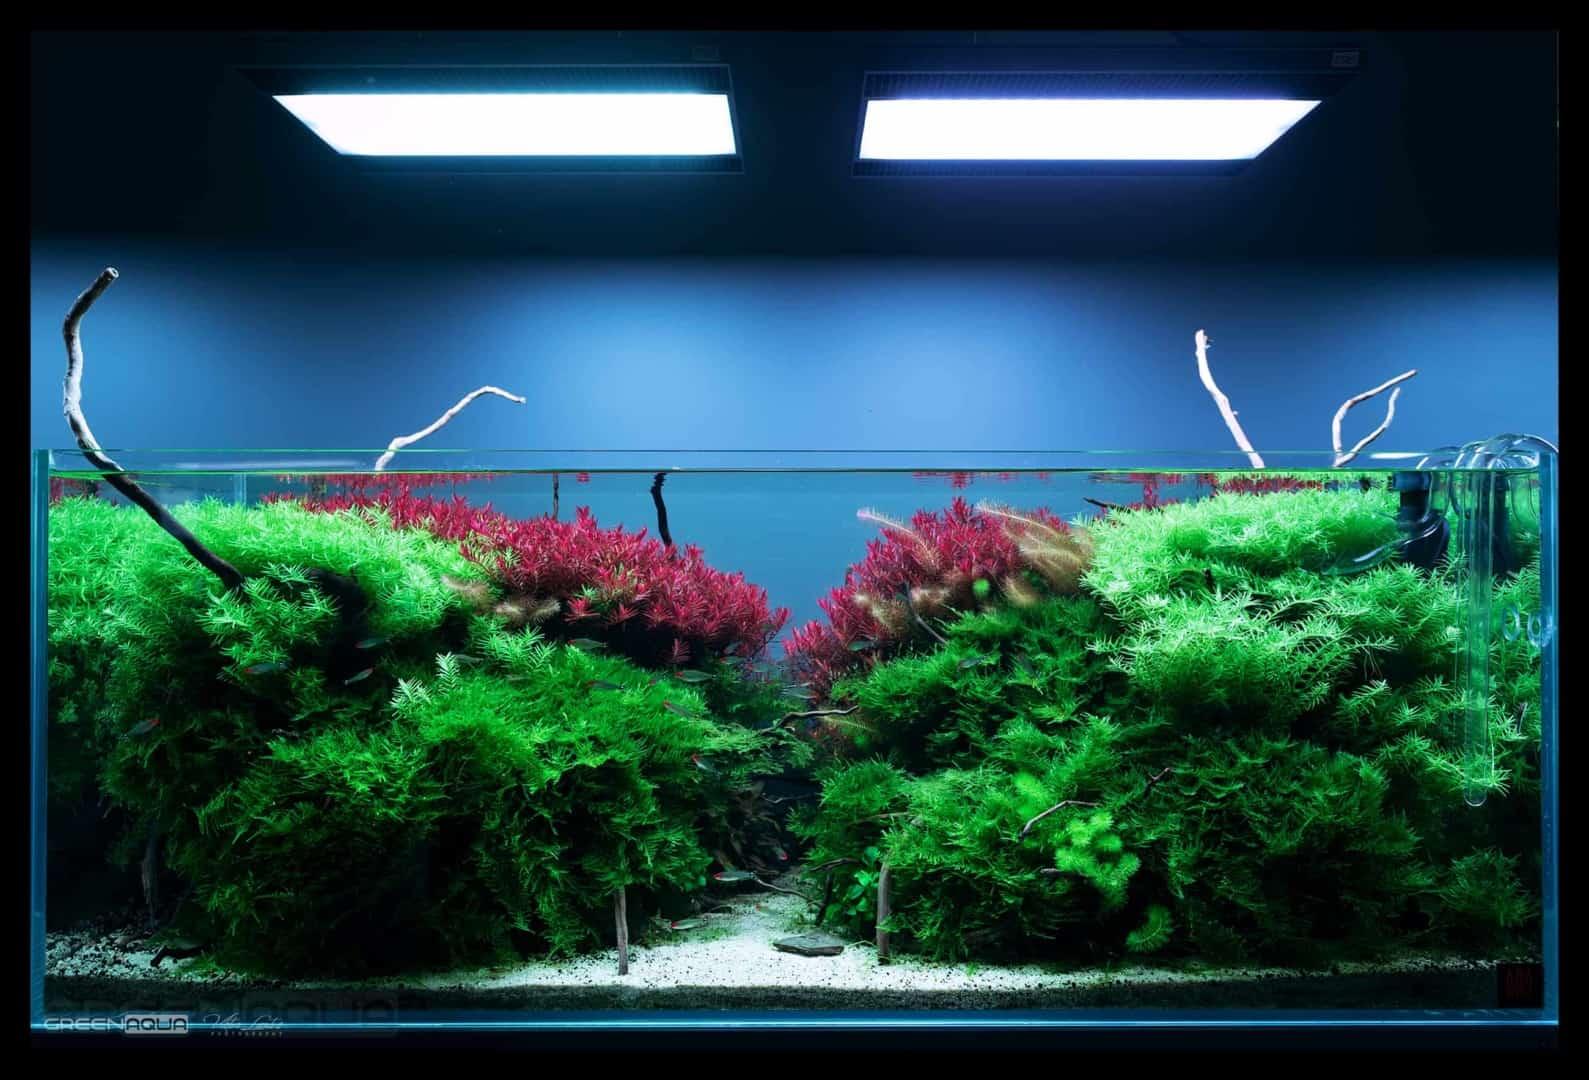 174 Green Aqua 2.0 (Volker Jochum) 11